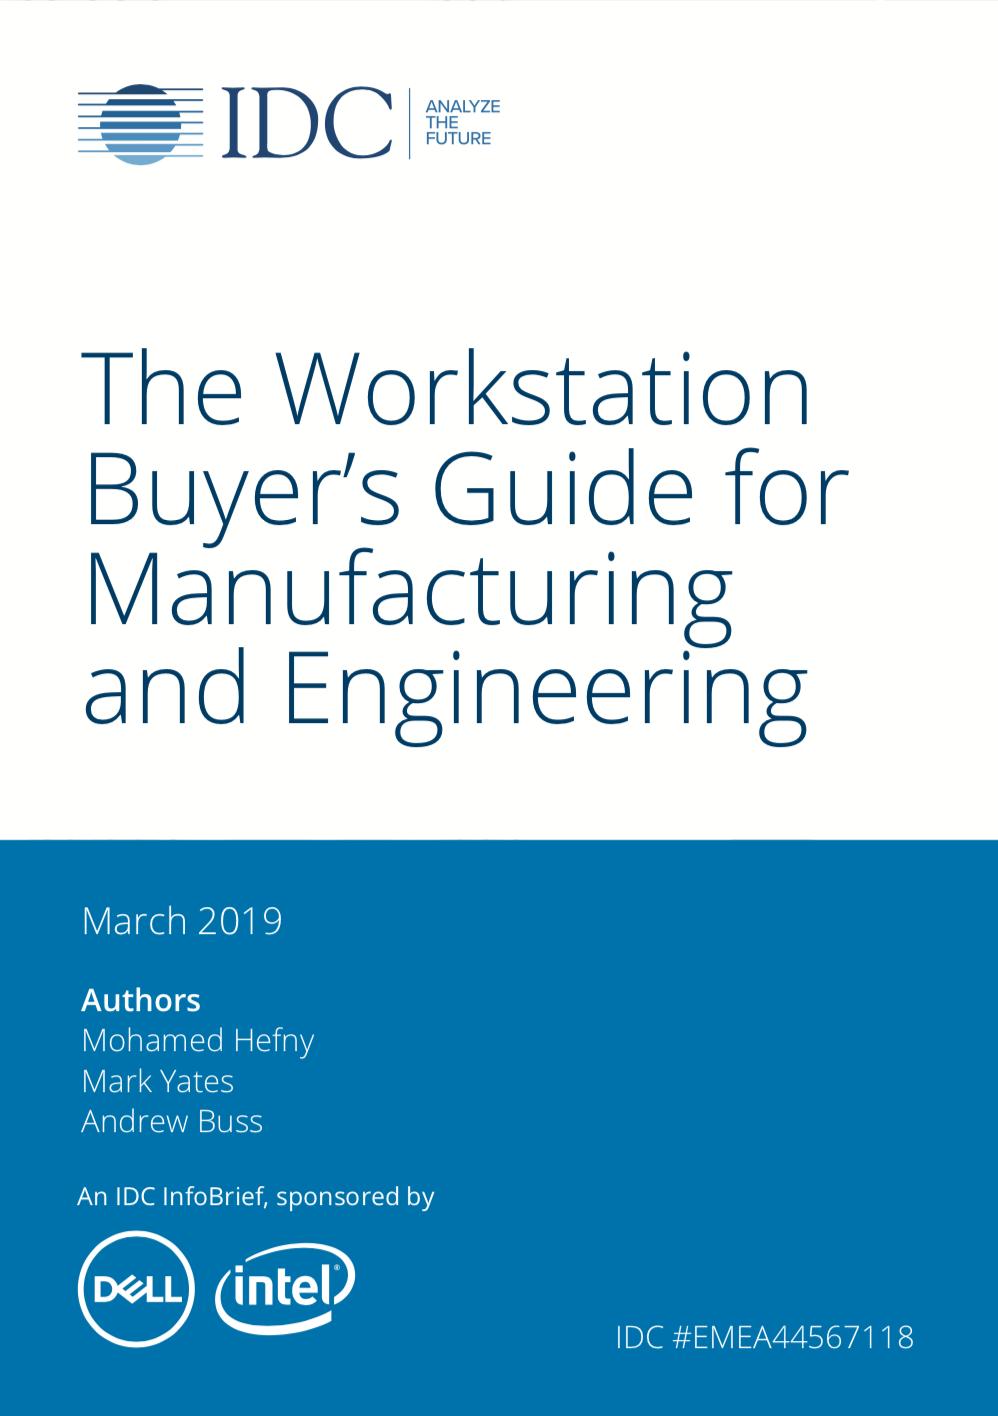 Der Leitfaden zum Erwerb von Workstations für Fertigung und Engineering